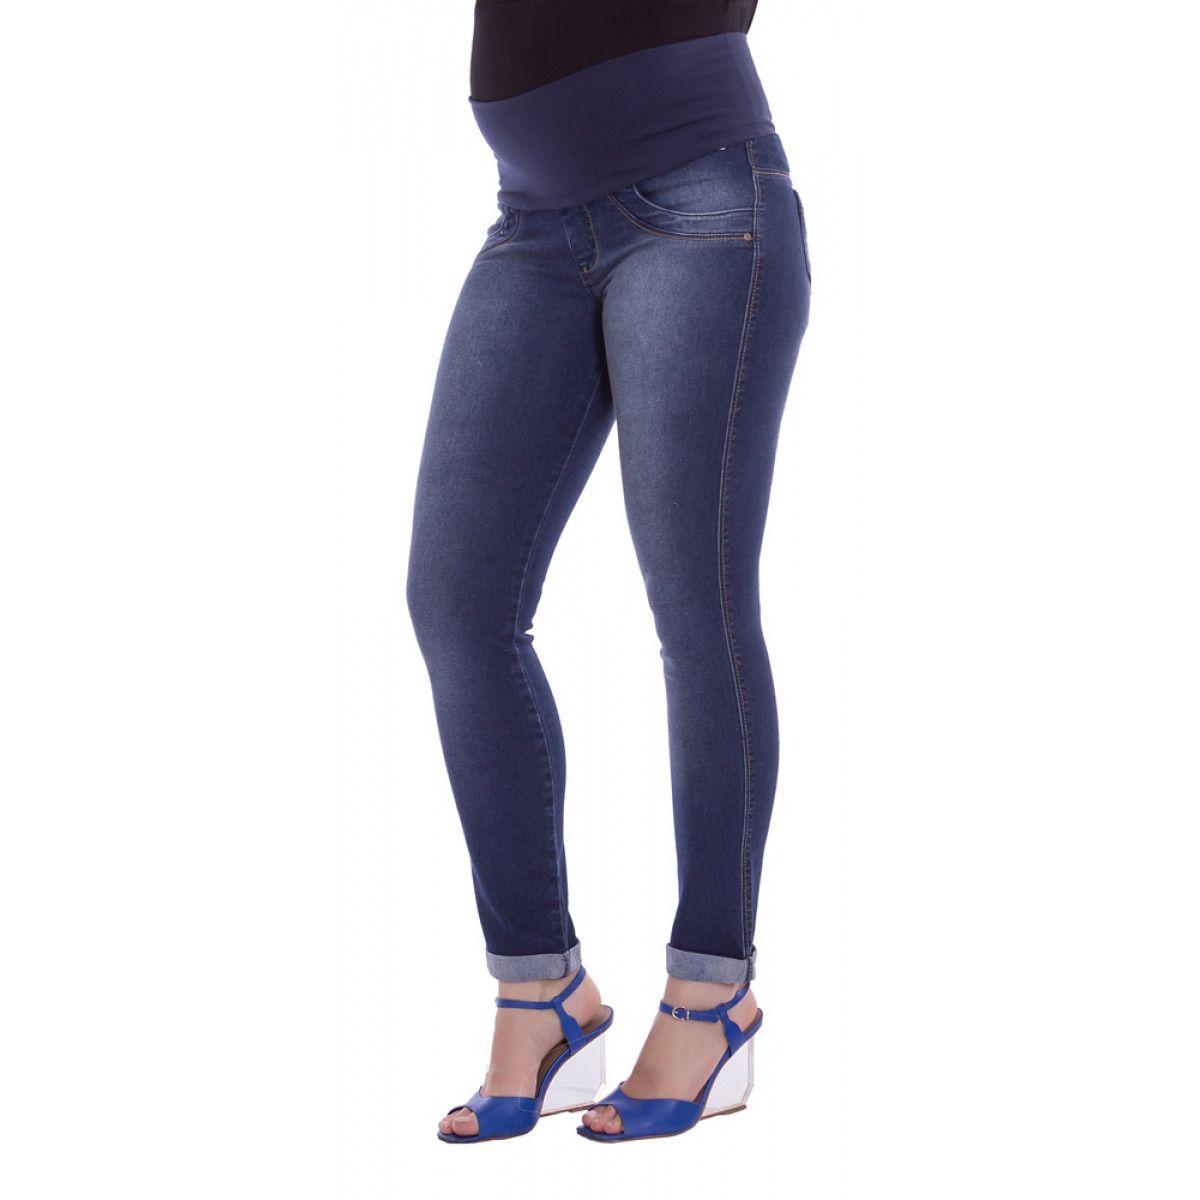 6dbb0cedb Calça Jeans Gestante Skinny Laura - Azul e Marinho